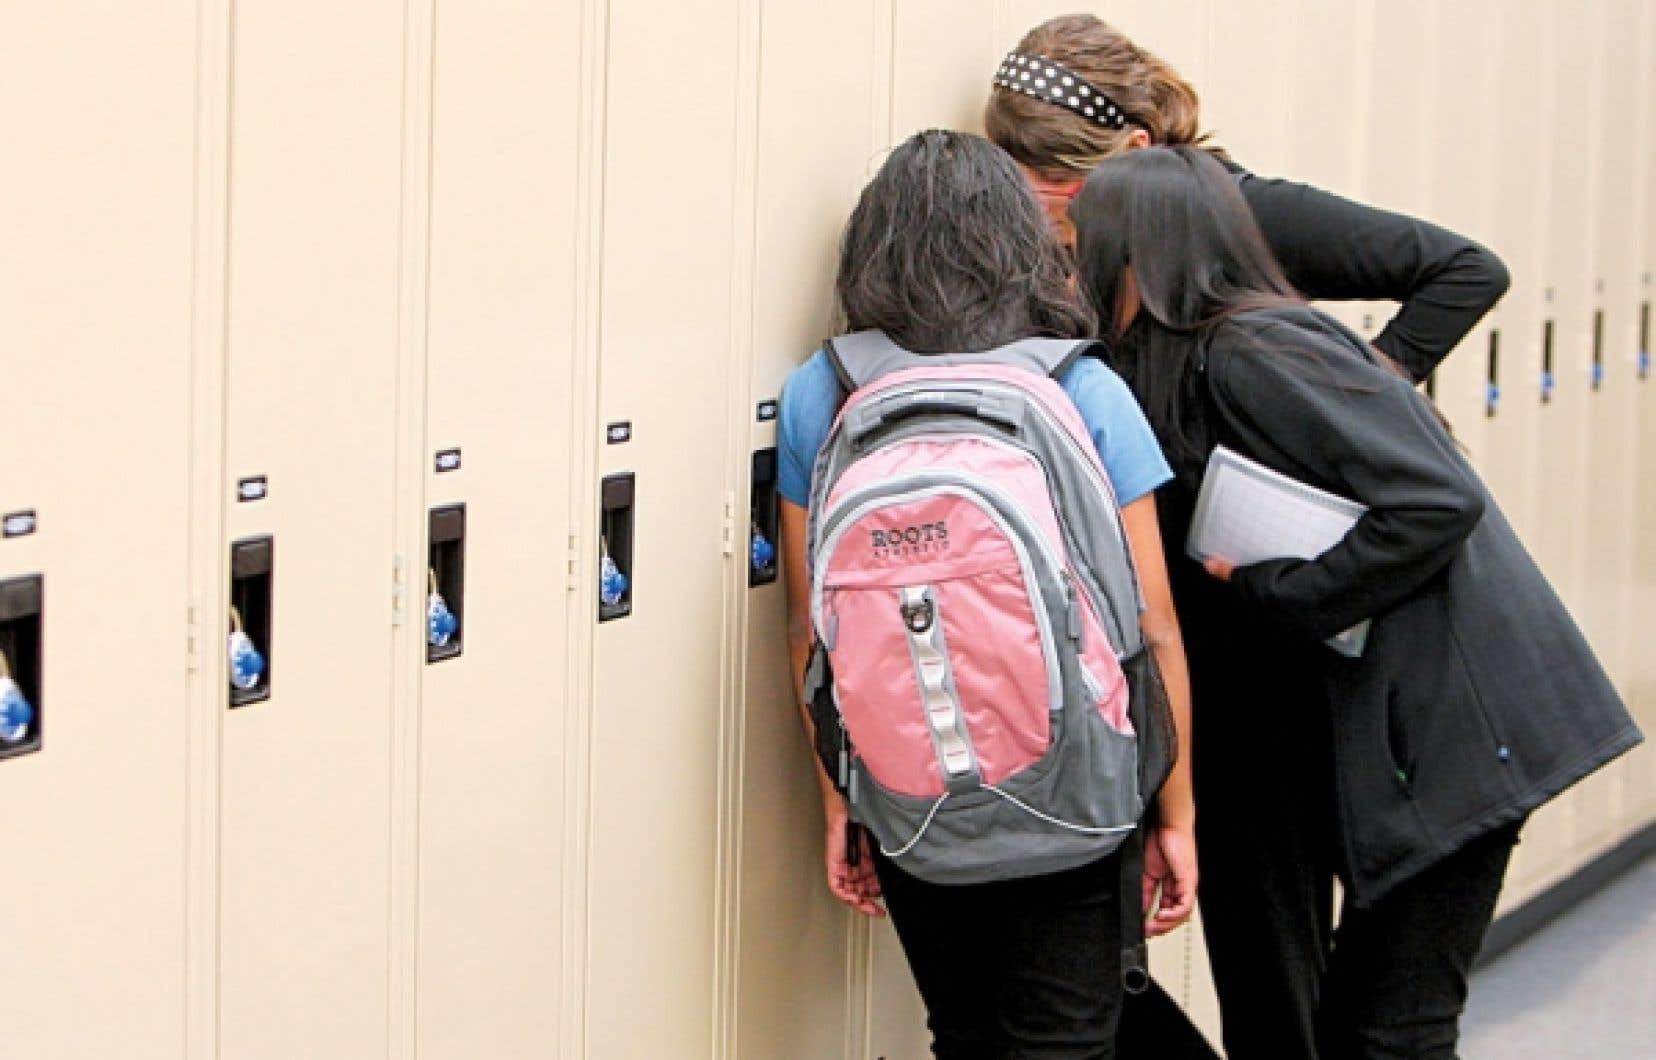 Le ministère de l'Éducation doit revaloriser l'école publique, écrit Françoise David.